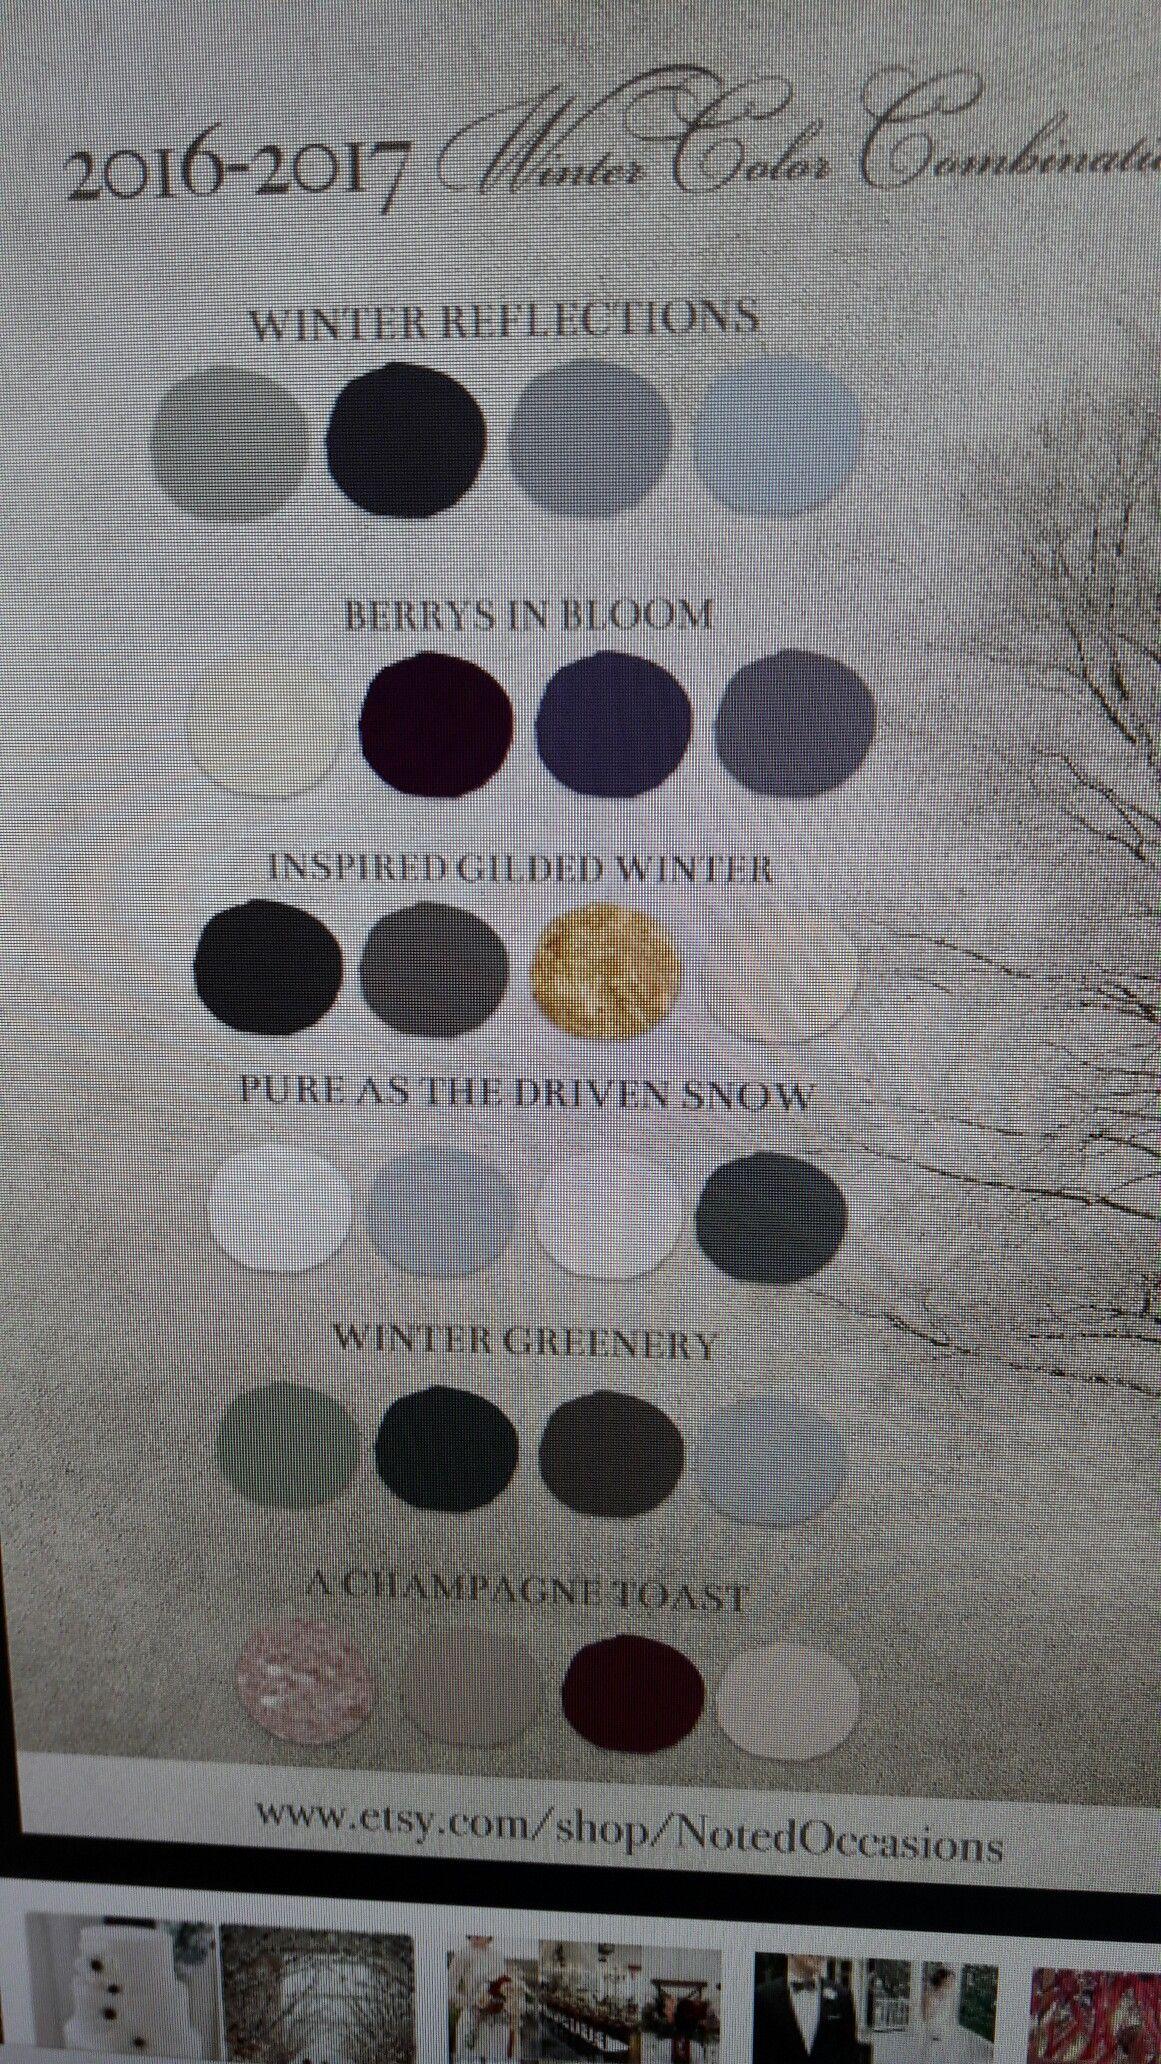 The color palette Estelle